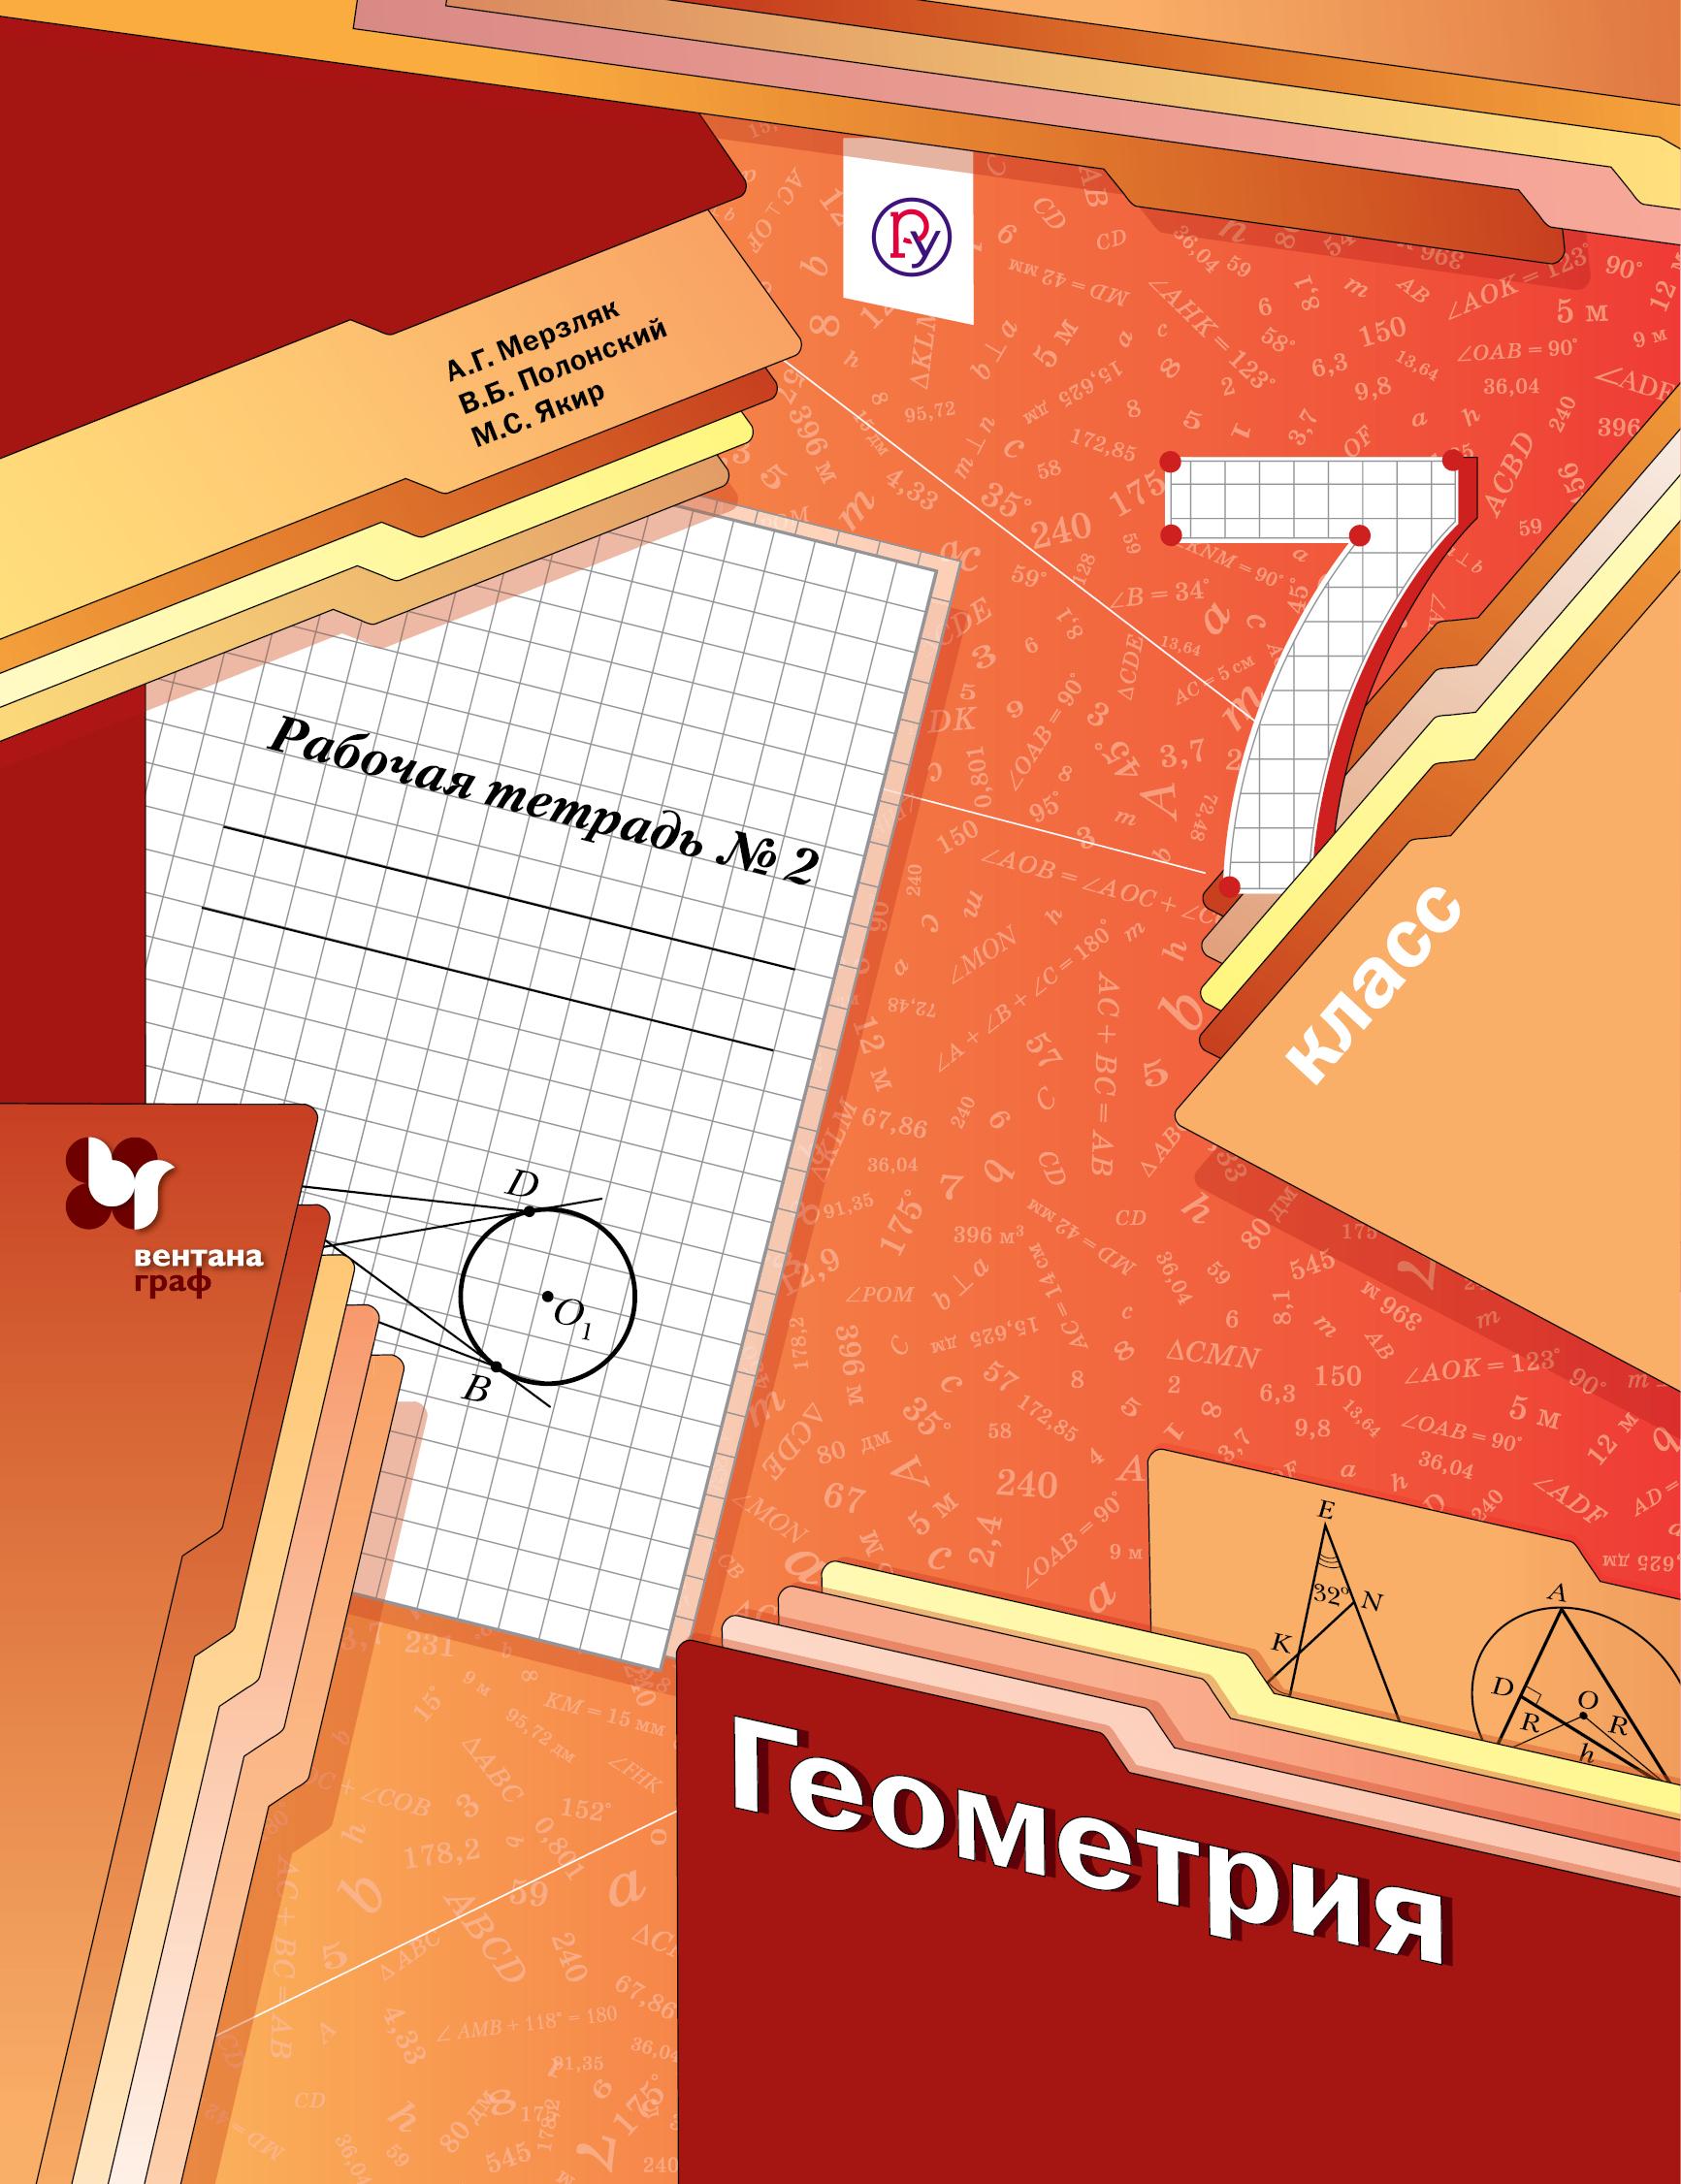 Геометрия. 7класс. Рабочая тетрадь №2 ( Мерзляк А.Г., Полонский В.Б., Якир М.С.  )